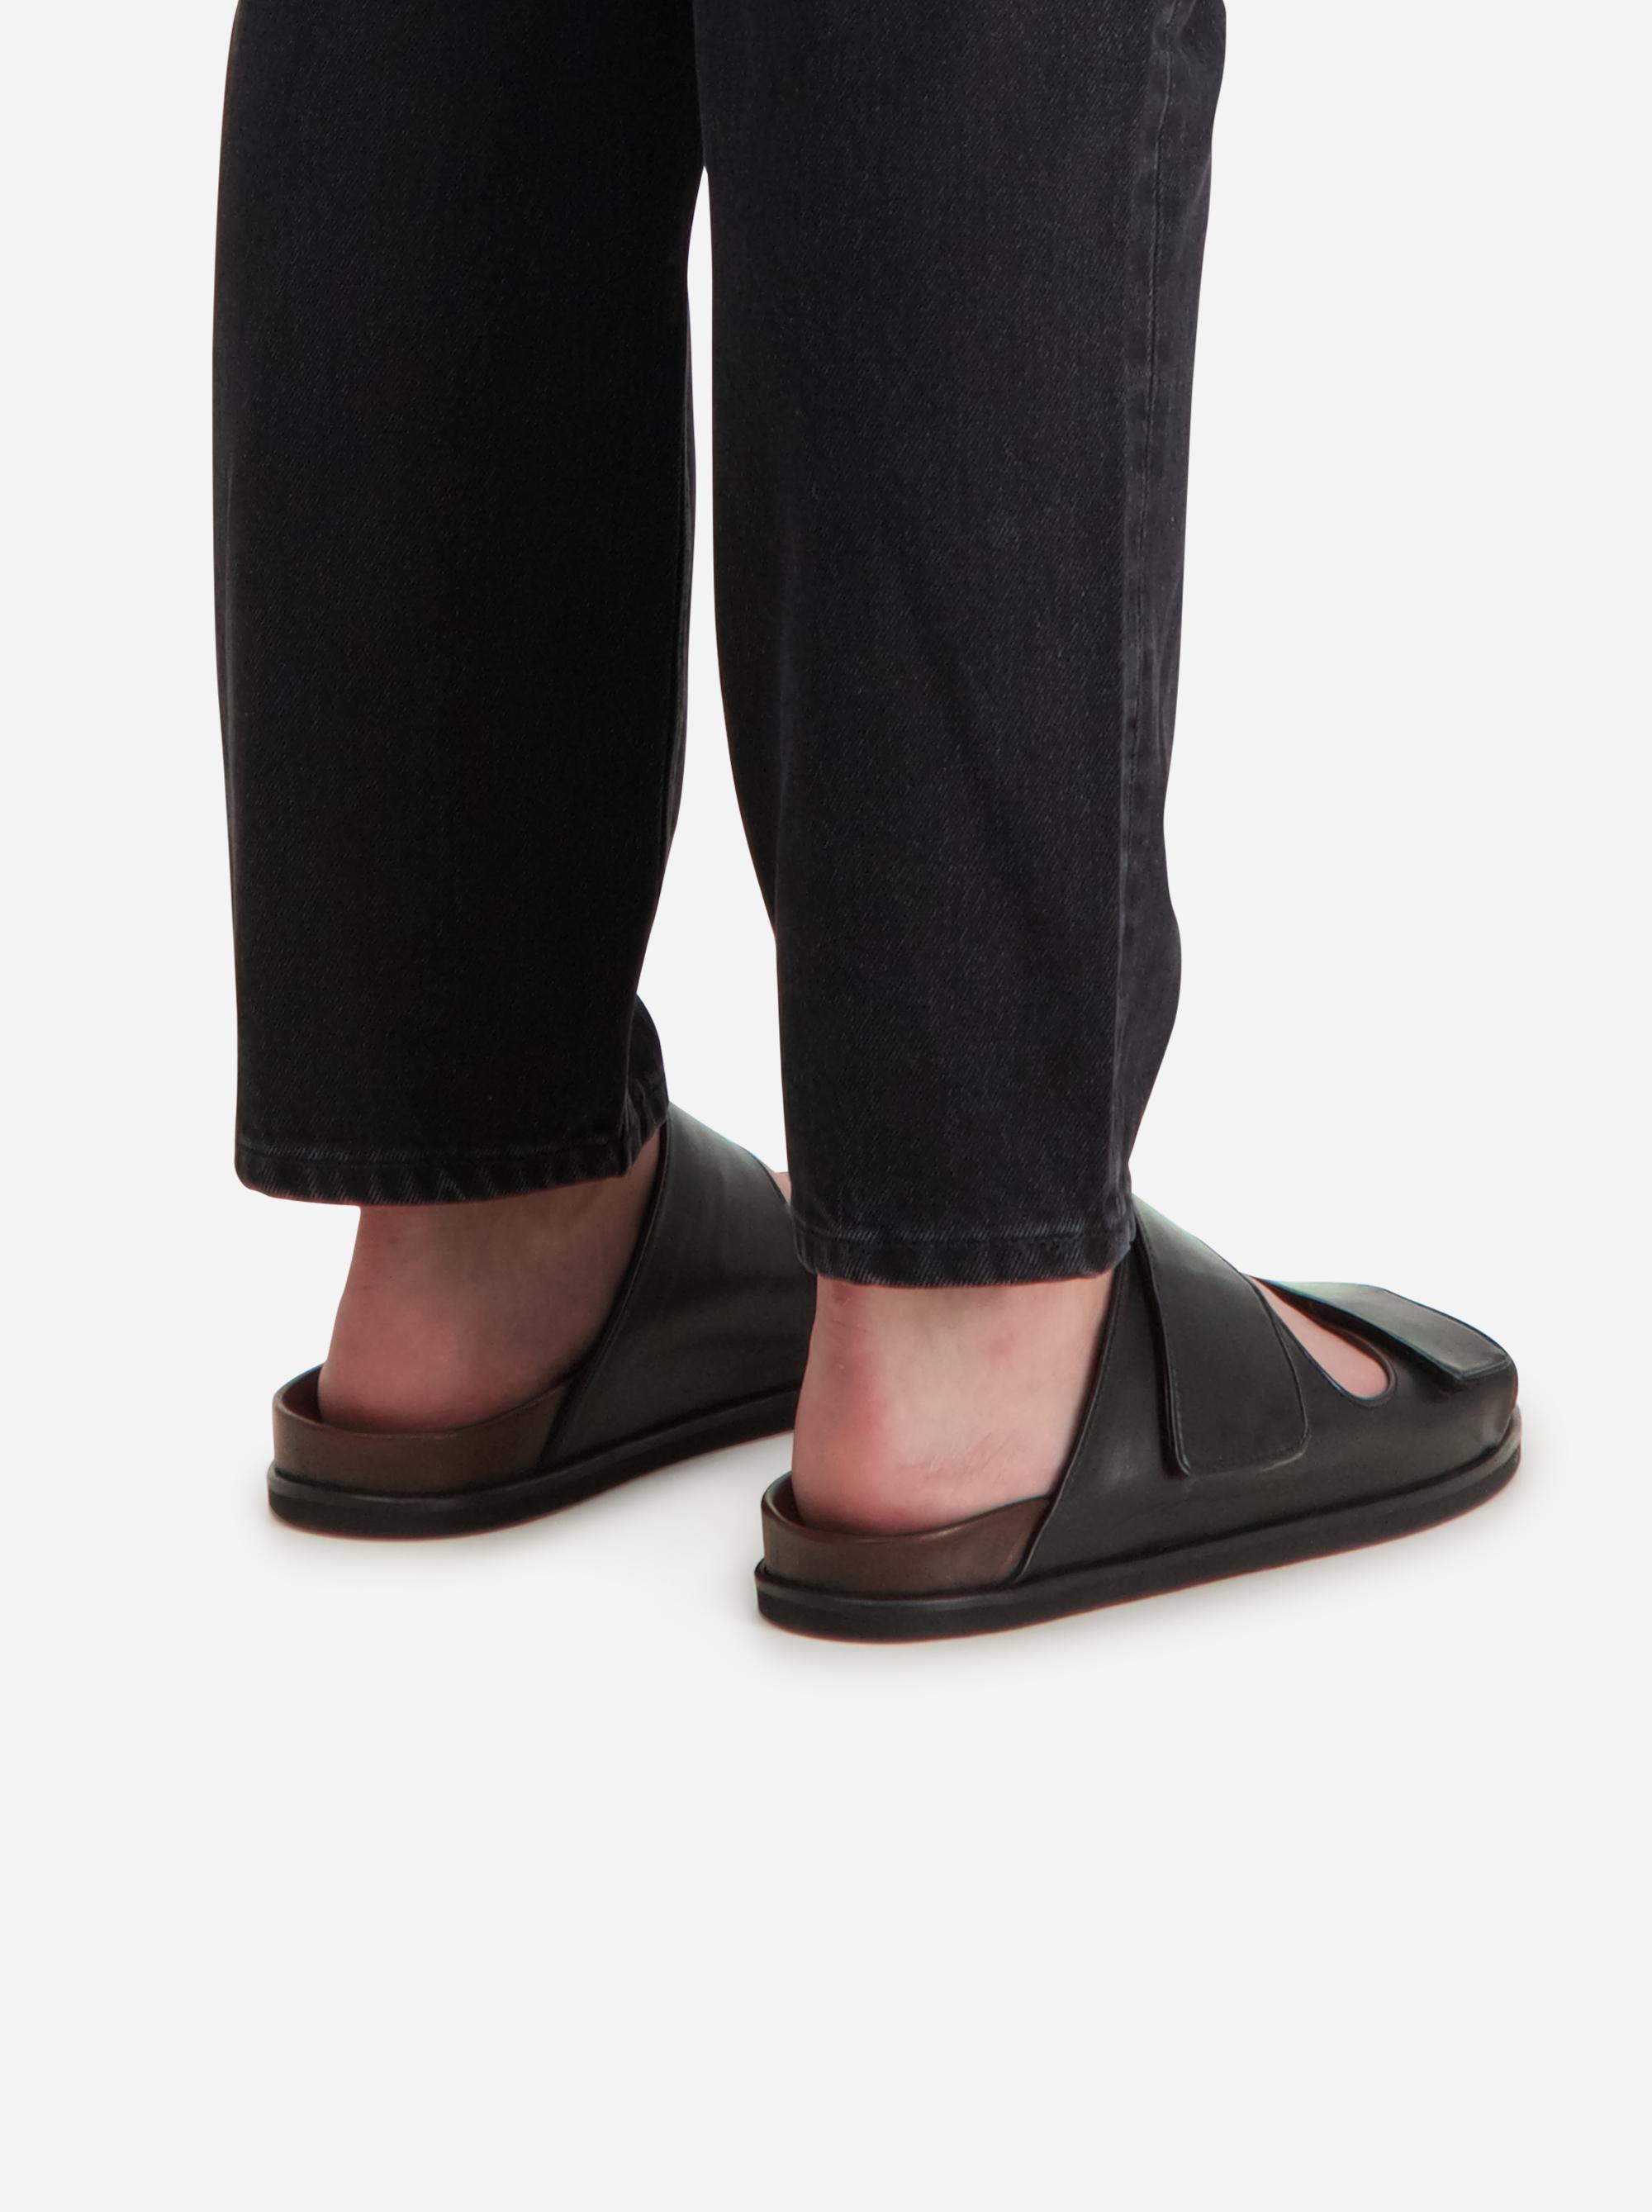 Teym - The Sandal - Men - Black - 1